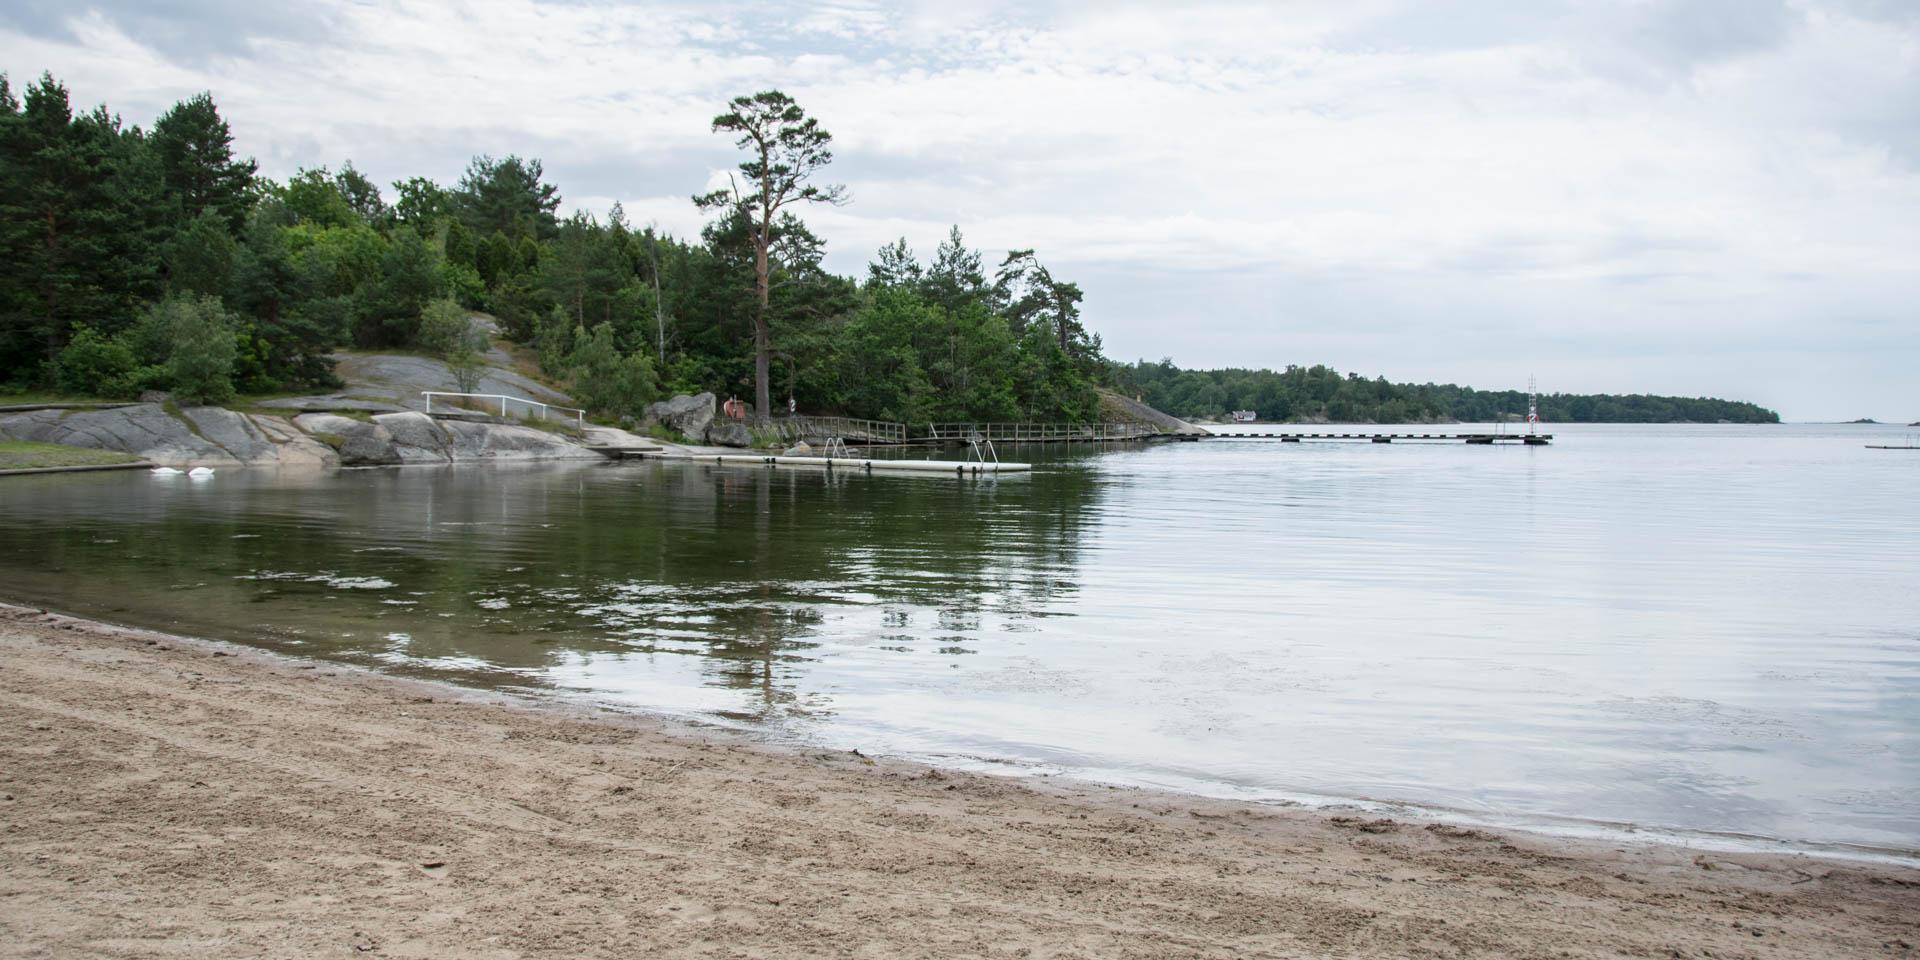 Järnaviks Badplats 2017